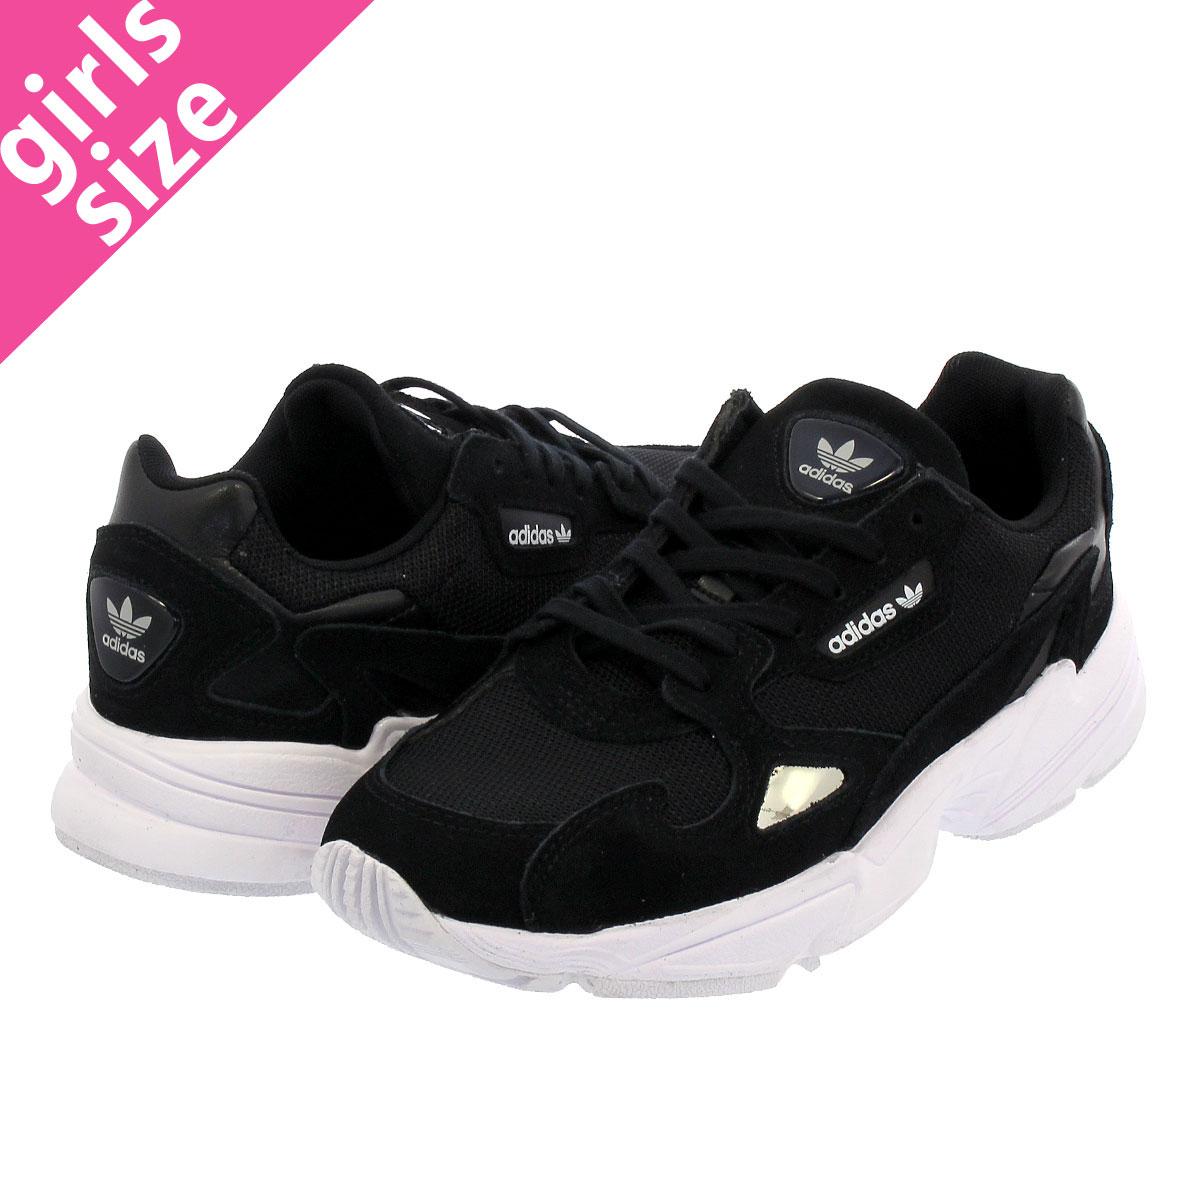 【大人気の女の子サイズ♪】 adidas ADIDASFALCON W アディダス アディダスファルコン ウィメンズ BLACK/CORE BLACK/RUNNING WHITE b28129